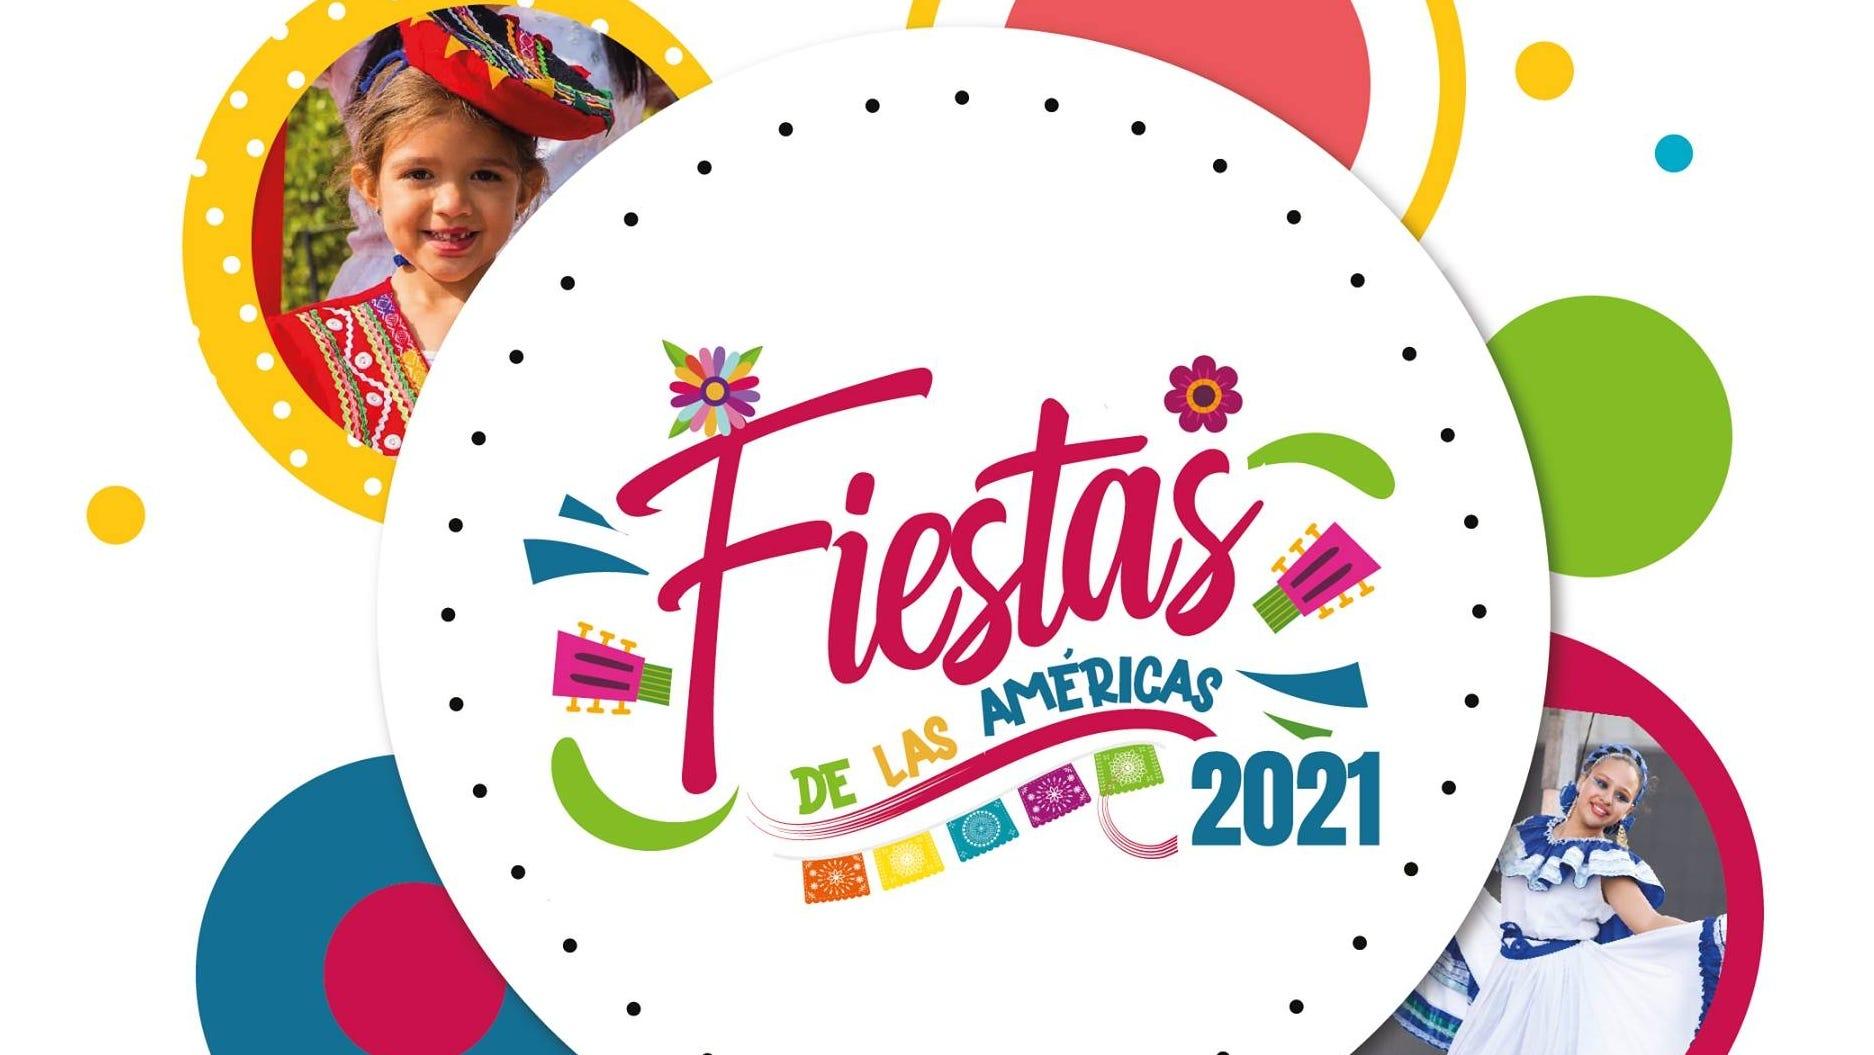 43974f0e a2fa 4daf b3a2 bb875b7274cc Fiestas De Las Americas jpg?crop=1874,1055,x0,y375&width=1874&height=1055&format=pjpg&auto=webp.